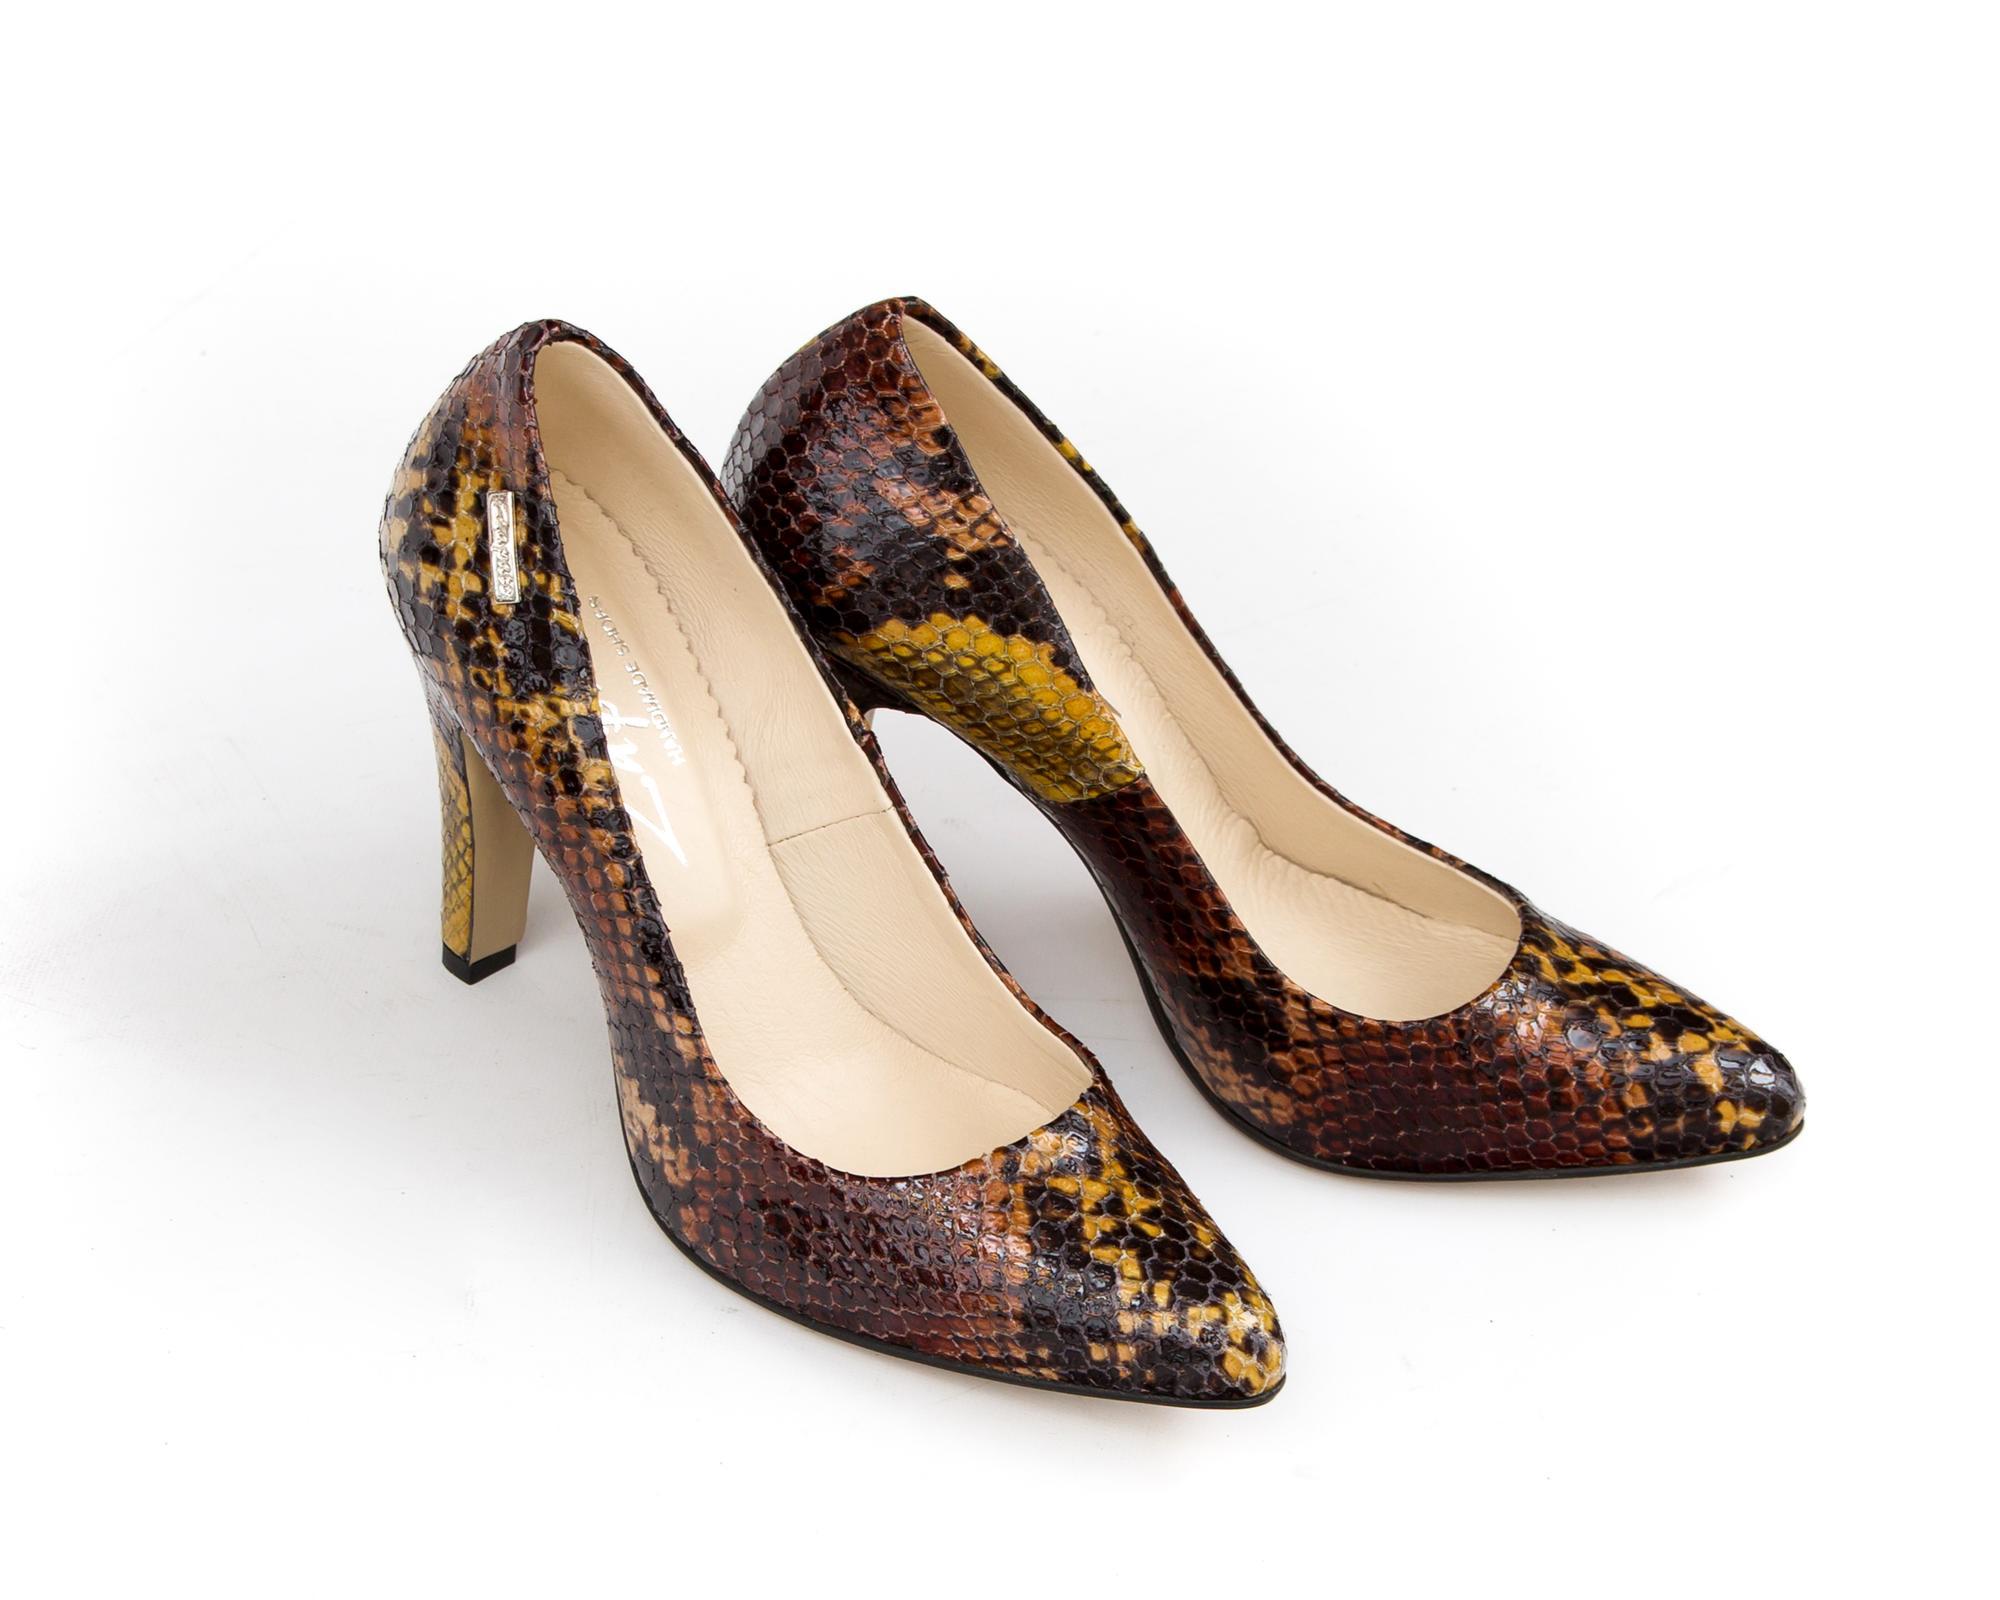 Buty na obcasie to nieodłączny dodatek eleganckich, kobiecych kreacji. Klasyczne szpilki z noskiem w szpic należy jednogłośnie uznać za absolutną konieczność w damskiej garderobie. Ręcznie robione, skórzane szpilki ZAPATO model 035 mają w sobie wszystko, czego od butów na obcasie można wymagać. Wysmuklają sylwetkę, dodają szyku i pasują do niezliczonych stylizacji, a przy tym są nieziemsko wygodne. Te oliwkowe czółenka na szpilce założysz do wieczorowej sukienki, w której poczujesz się jak królowa balu. Szpilki ze skóry naturalnej sprawdzą się także w stylizacjach z garniturowymi spodniami, czy ołówkową spódnicą. A jeśli nie są Ci obce trendy streetwearowe i klimat eleganckiego luzu, to śmiało możesz zestawić skórzane buty na obcasie z denimowymi rurkami i t-shirtem z oryginalnym nadrukiem.